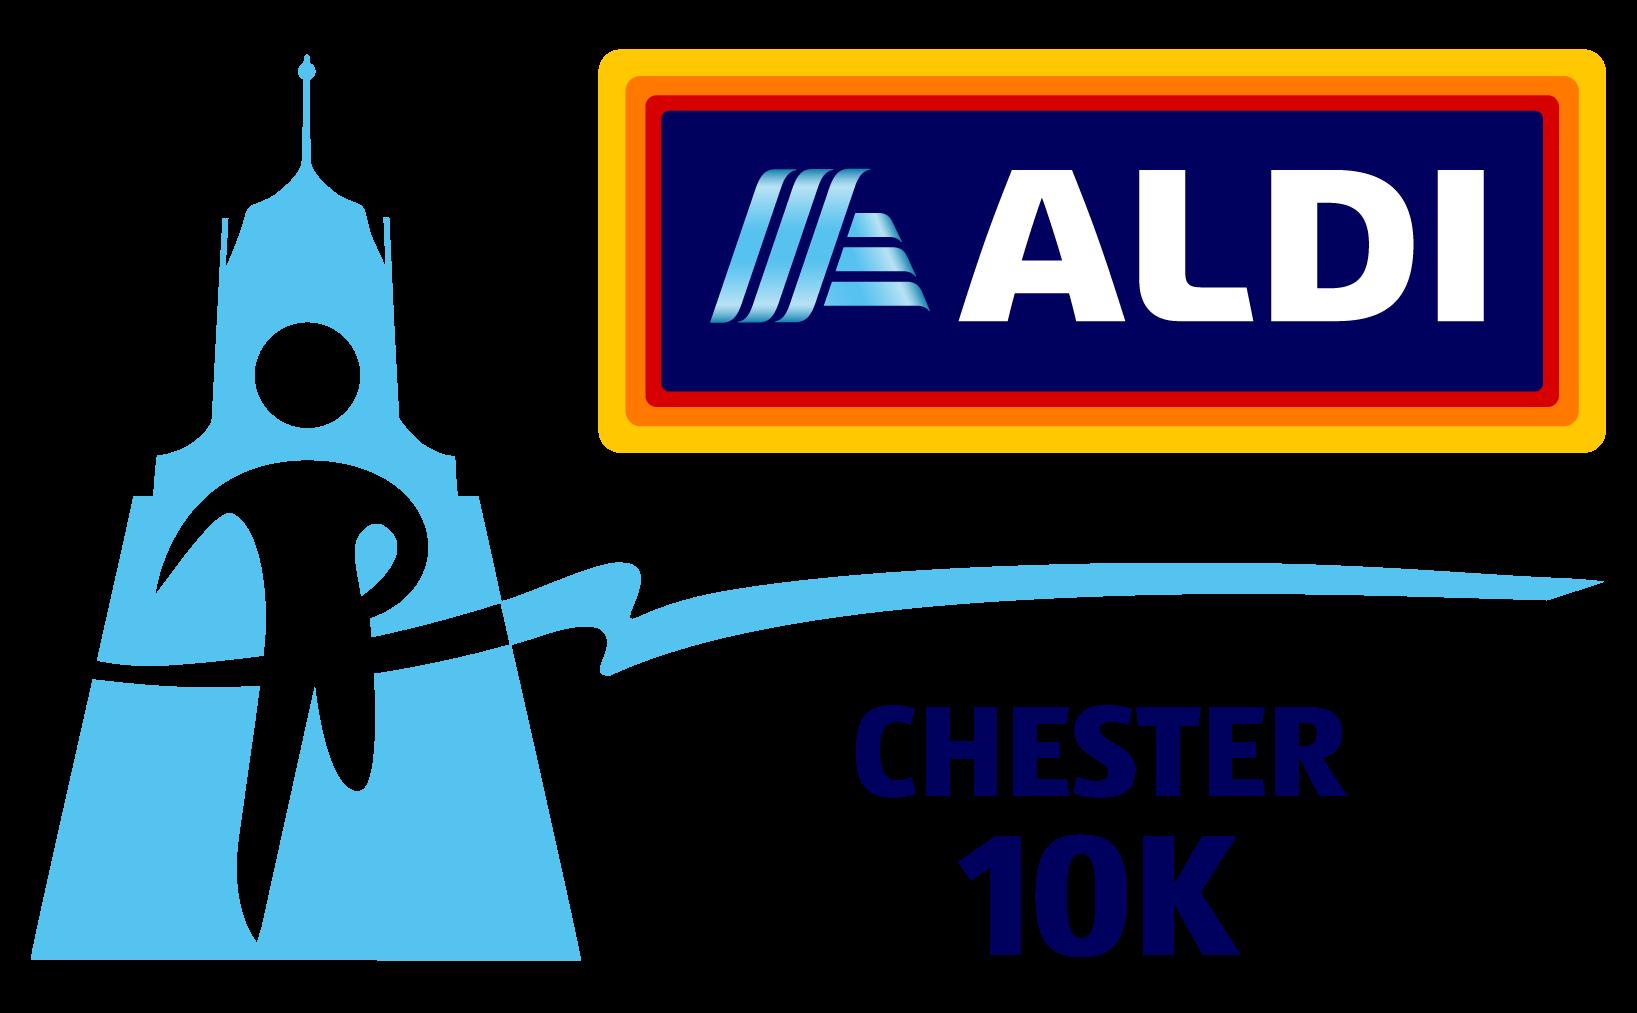 Chester 10K